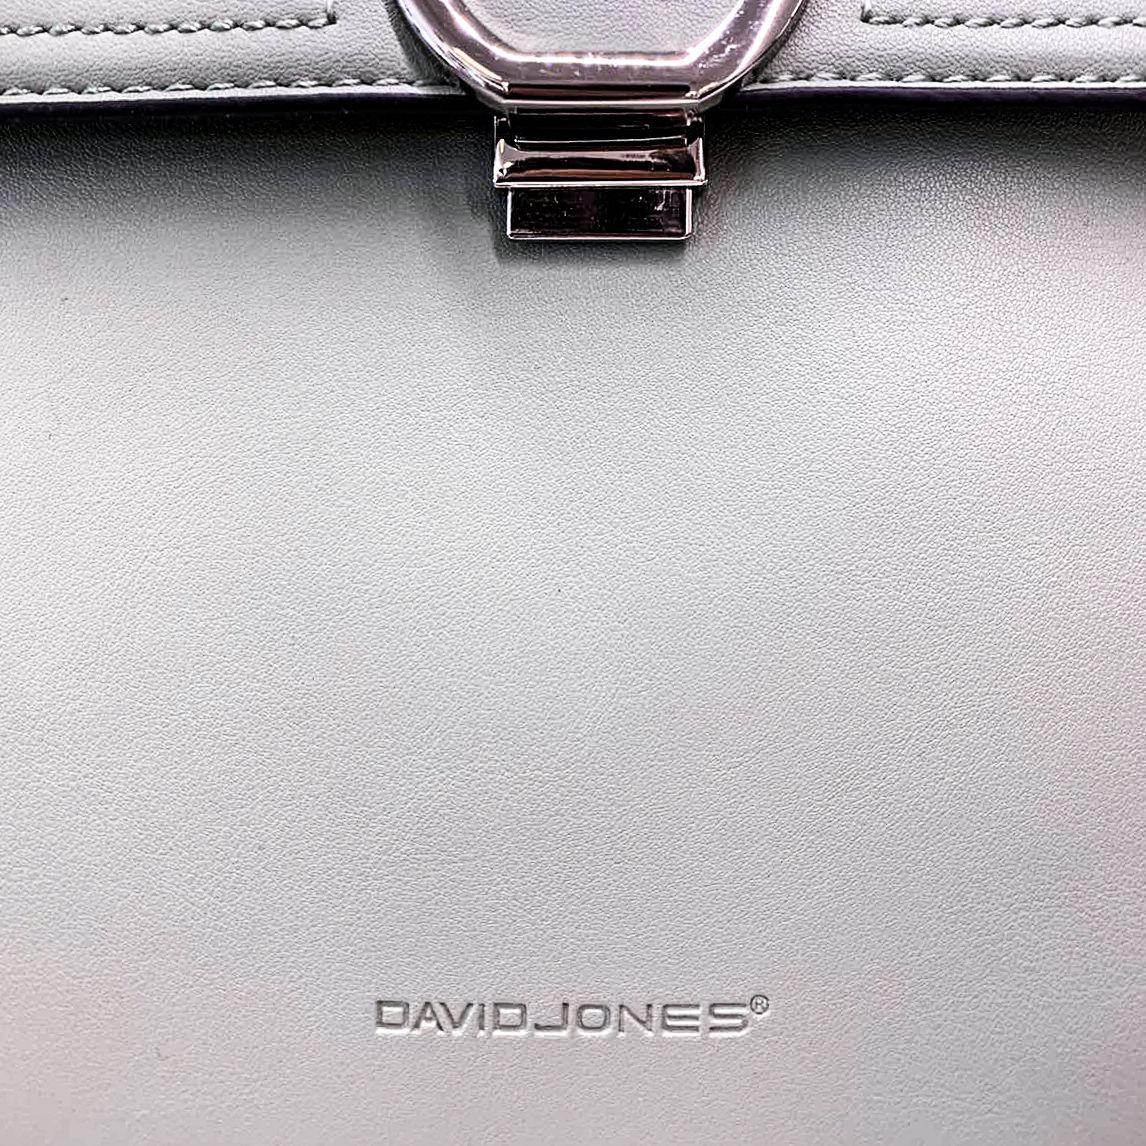 کیف دستی زنانه دیوید جونز کد 6317-1 -  - 14